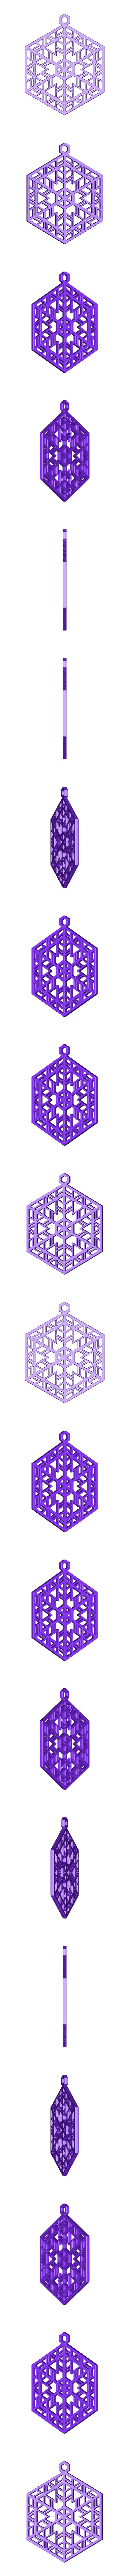 Ornament_A.obj Télécharger fichier OBJ gratuit Quatre ornements inspirés du vitrail • Design pour imprimante 3D, Not3dred